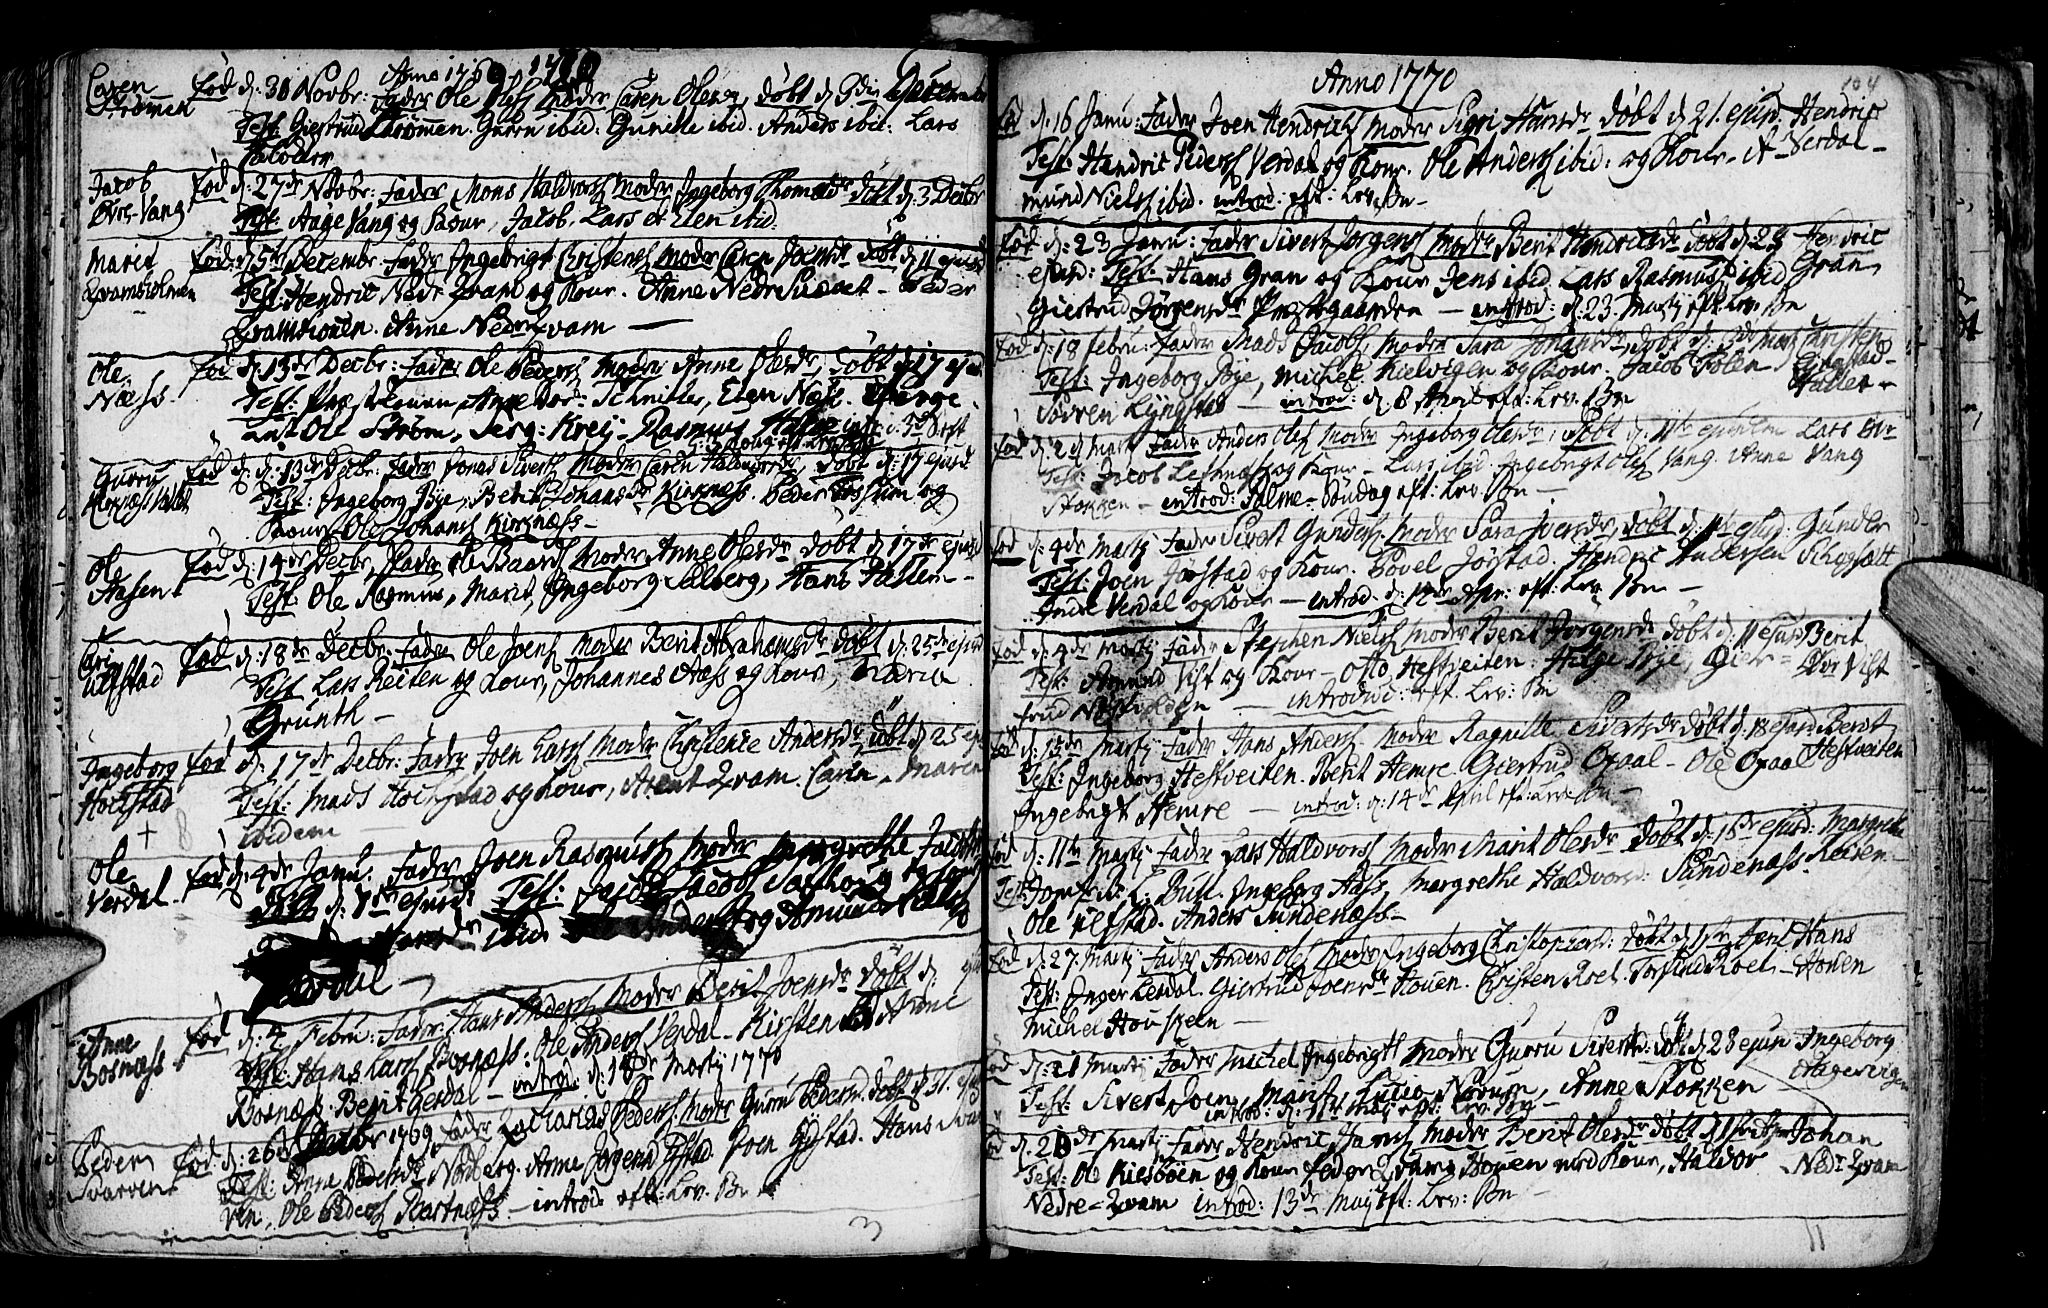 SAT, Ministerialprotokoller, klokkerbøker og fødselsregistre - Nord-Trøndelag, 730/L0273: Ministerialbok nr. 730A02, 1762-1802, s. 104